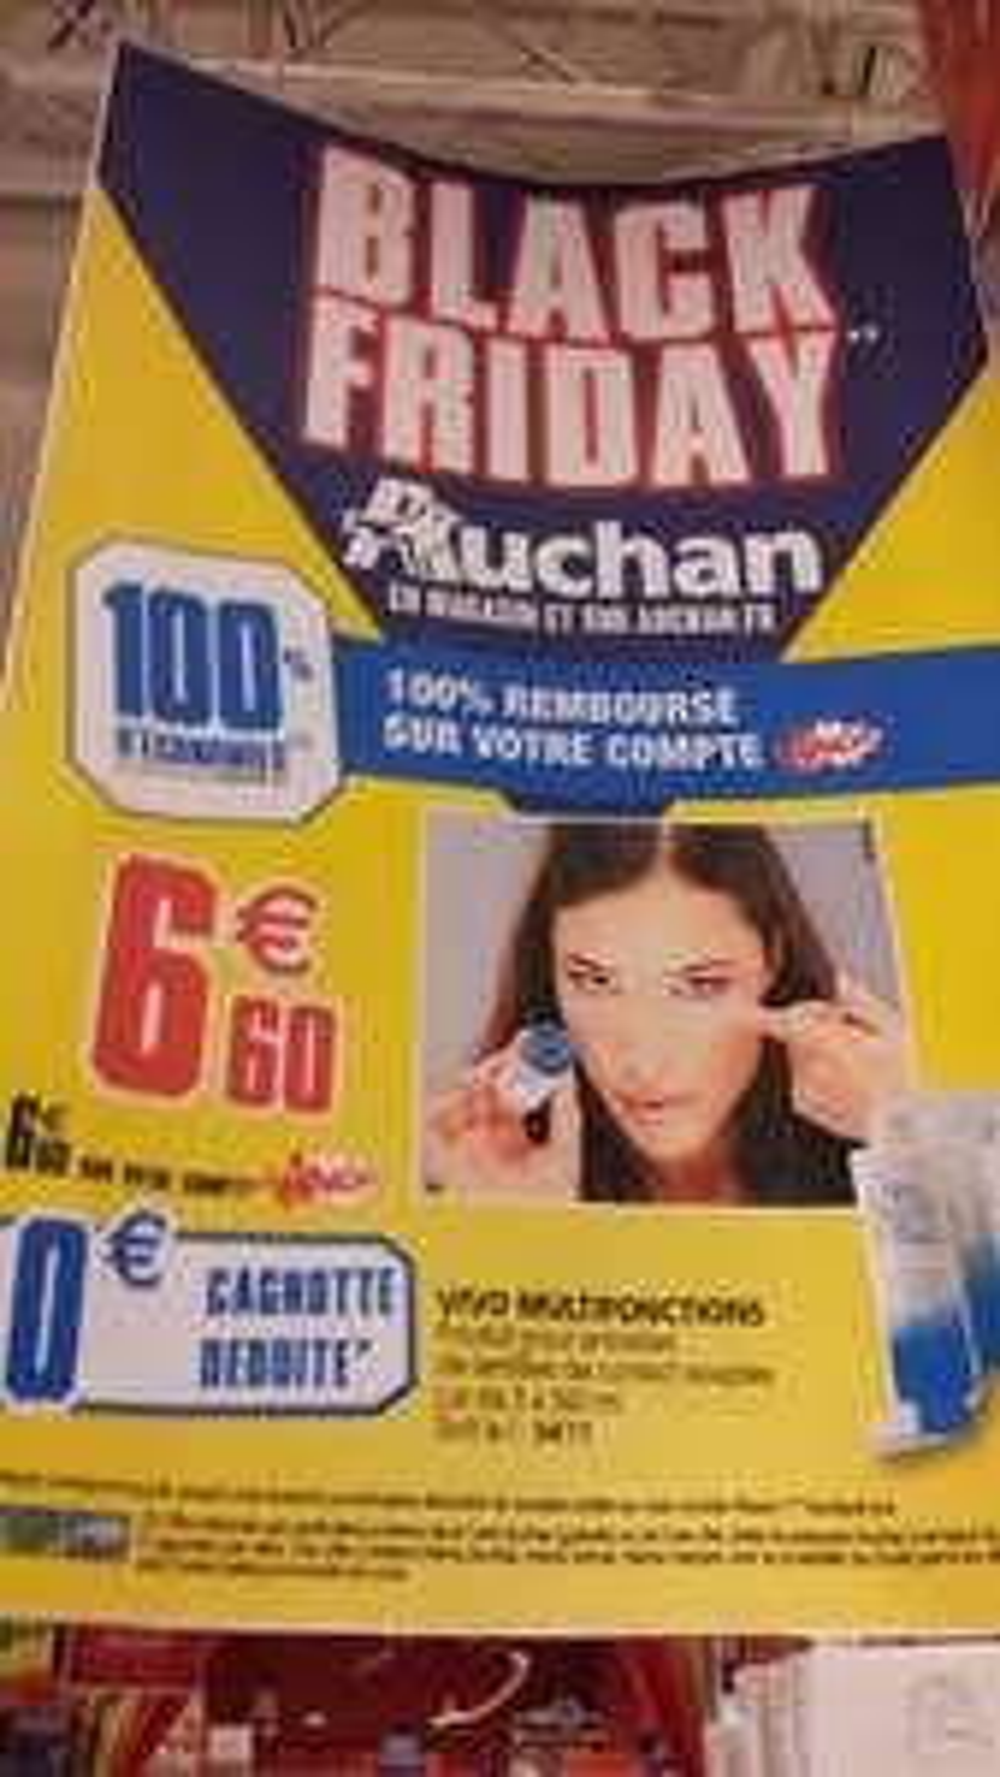 Produit pour entretien de lentilles de contact souples Vivo multifonction 3*360 ml gratuit (100% remboursé sur la carte Waooh)